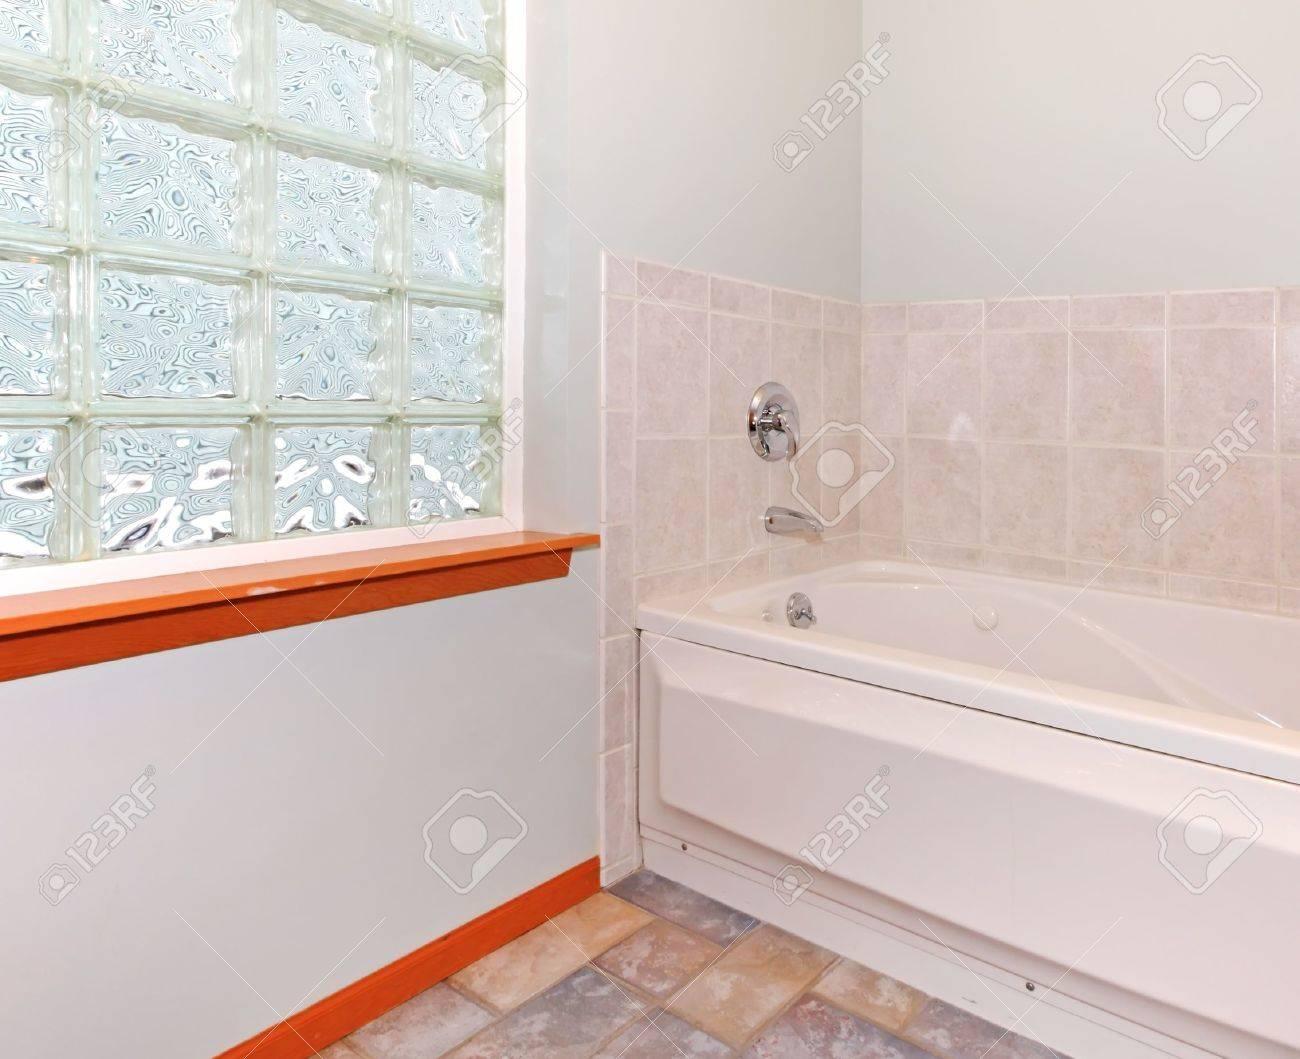 Neues badezimmer ecke mit glasbaustein fenster und badewanne mit ...